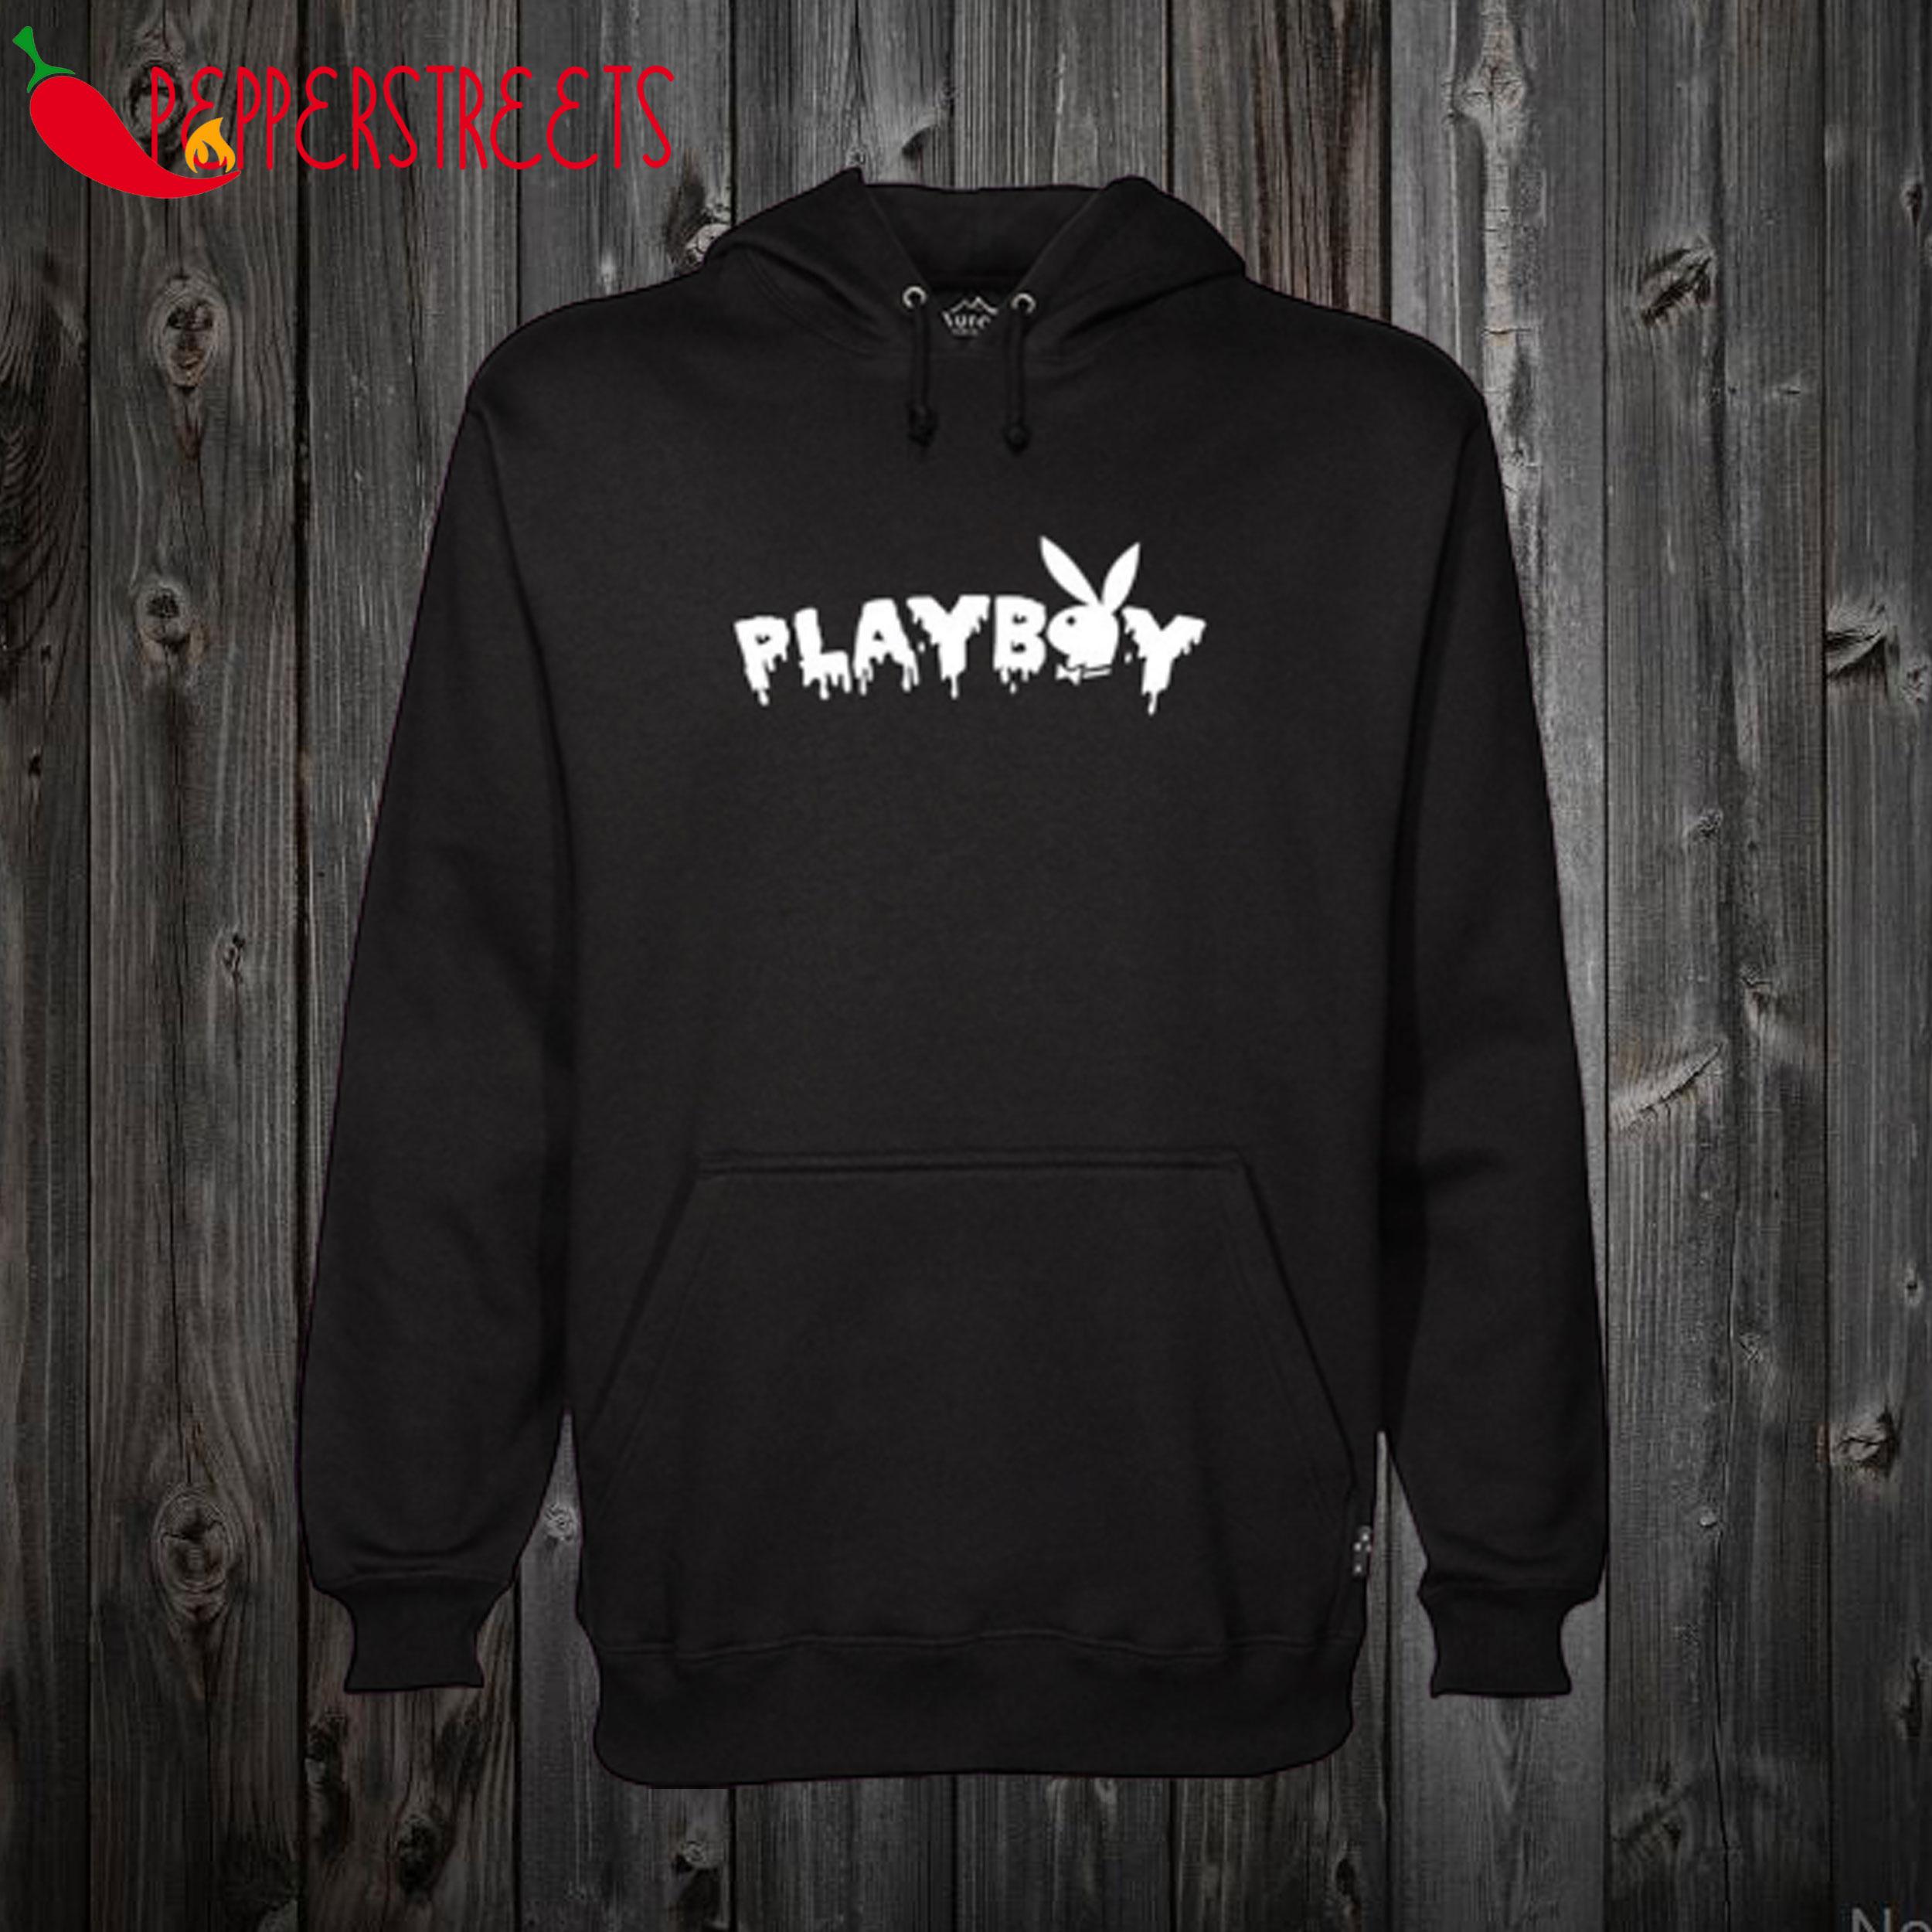 Playboy Black Slime Hoodie